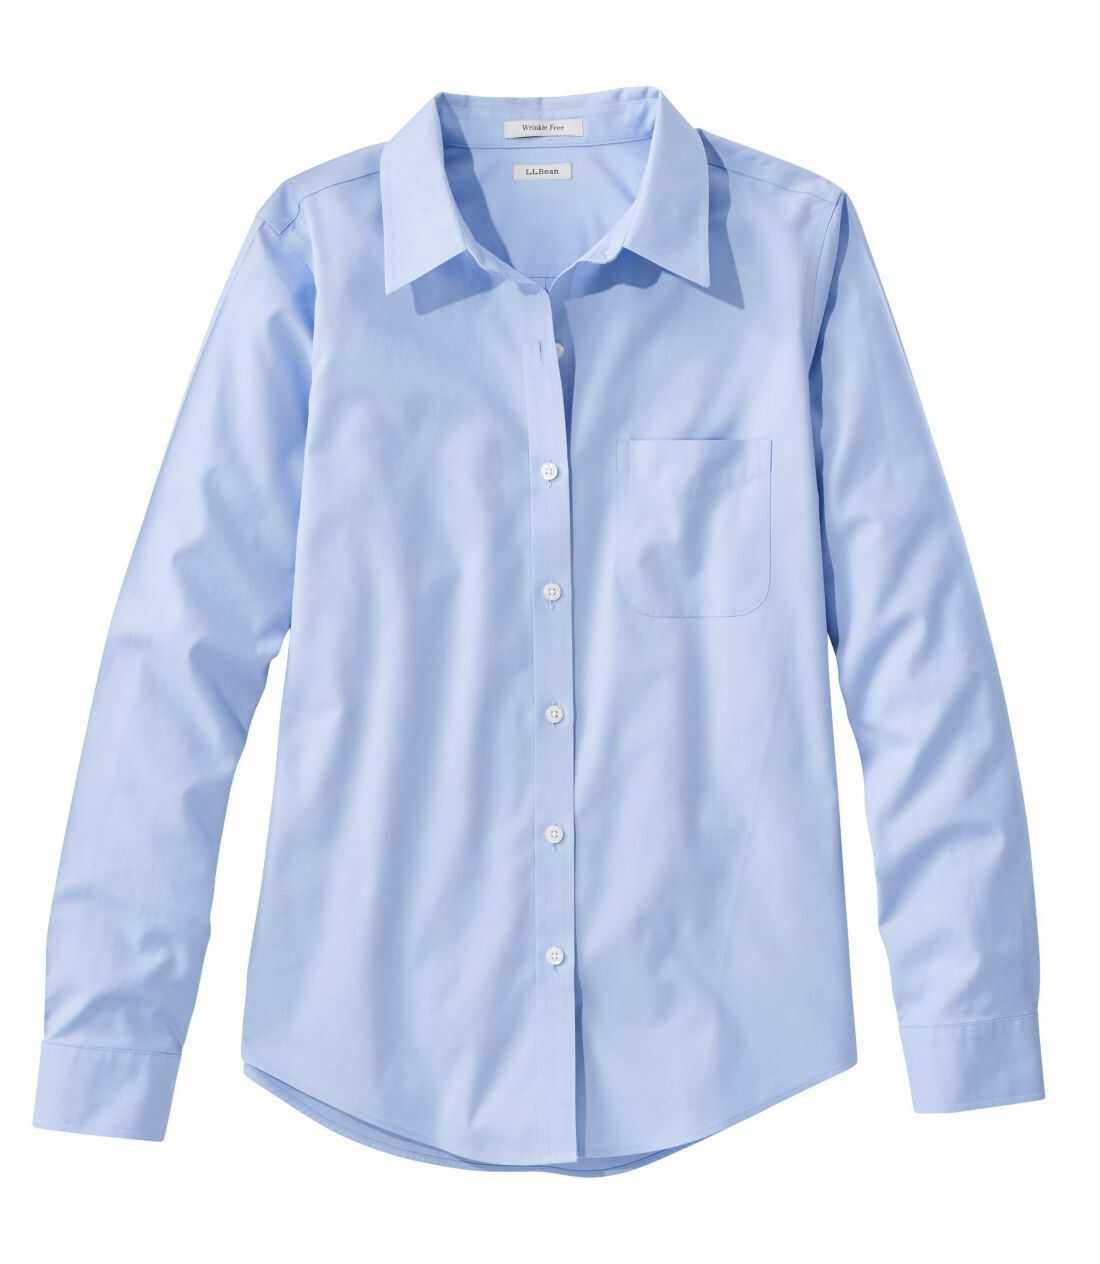 リンクルフリー(形態安定)・ピンポイント・オックスフォード・シャツ、オリジナル 長袖